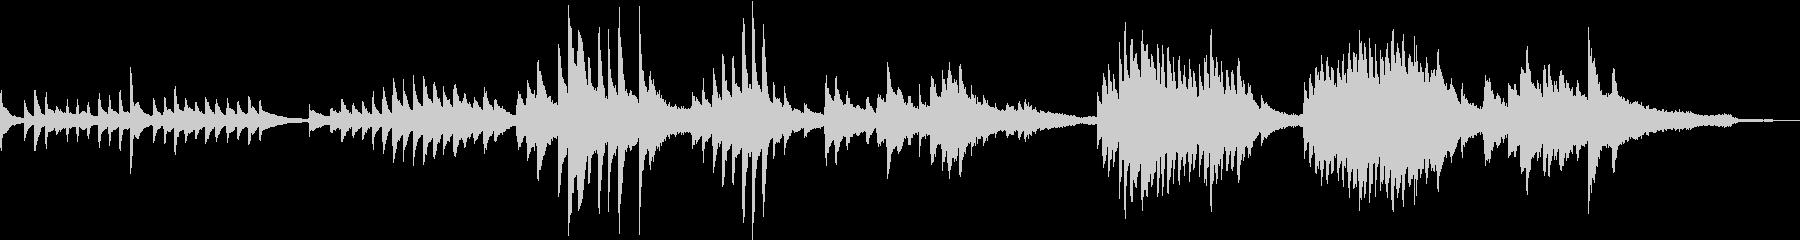 凛とした和風曲1(A)-タックピアノの未再生の波形